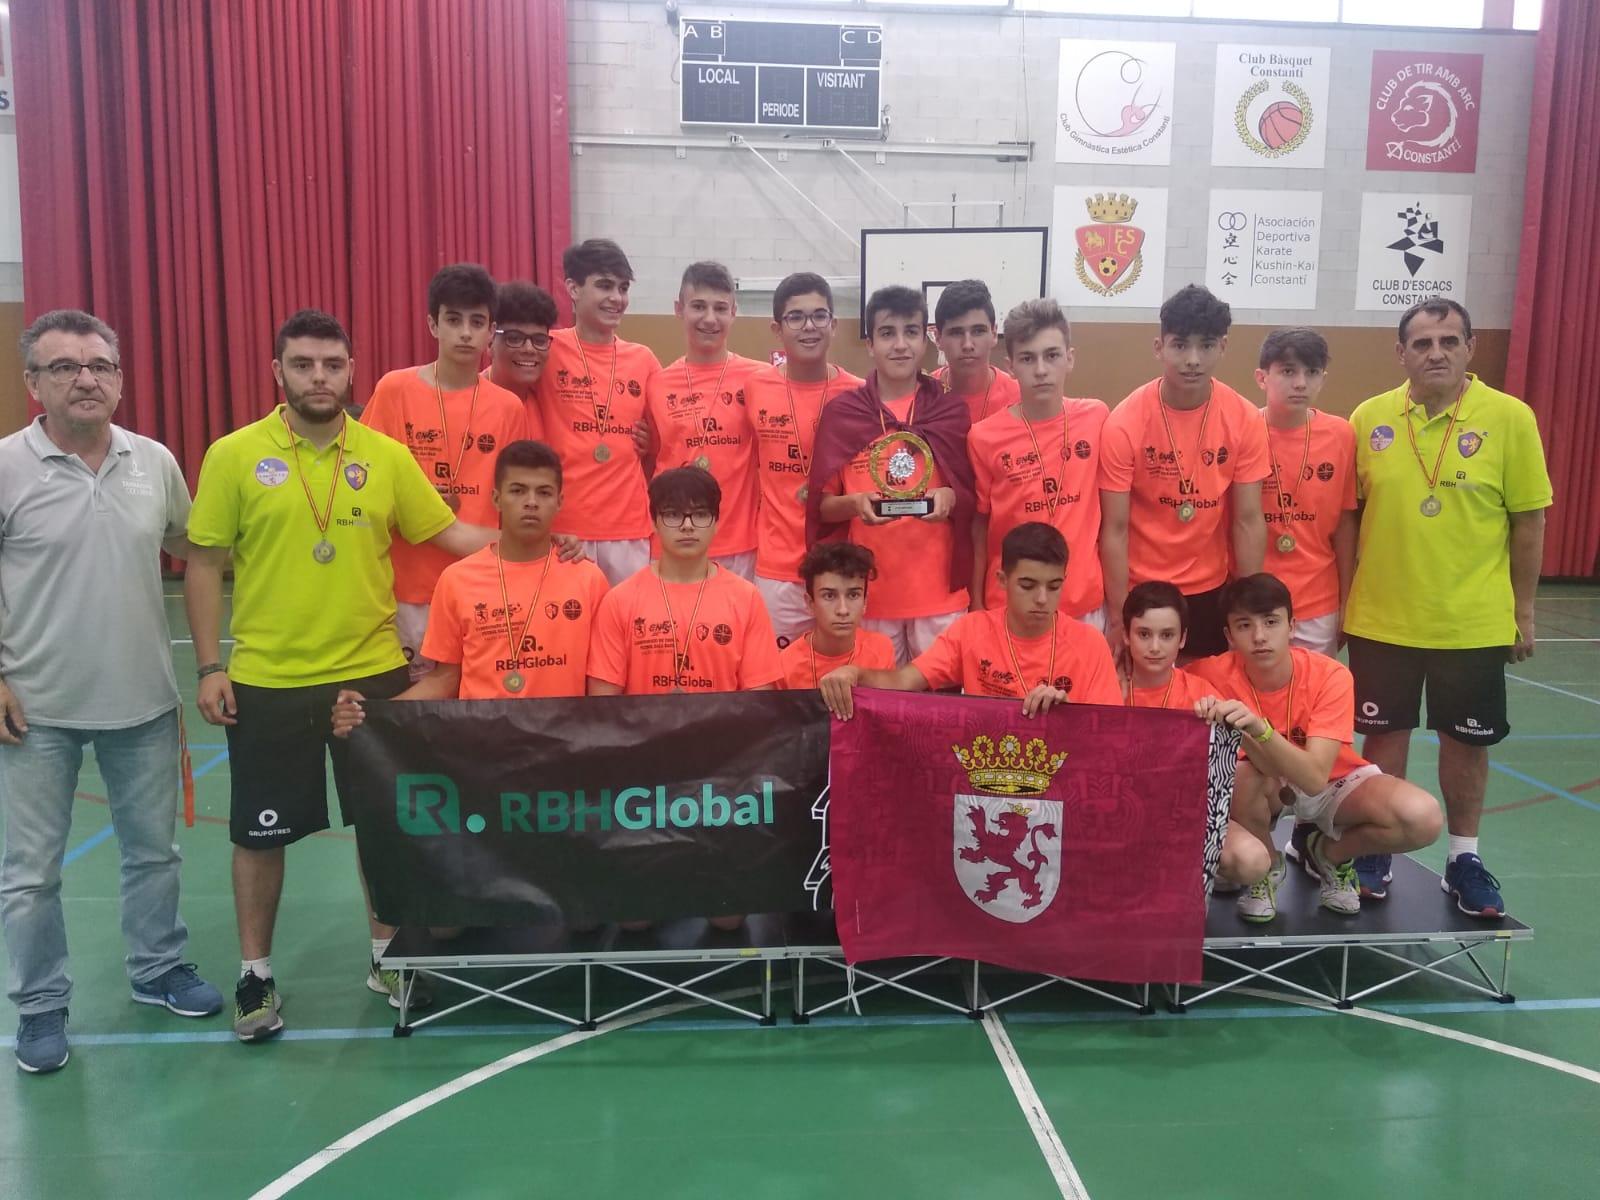 El equipo RBH GLOBAL benjamín se proclama campeón de España